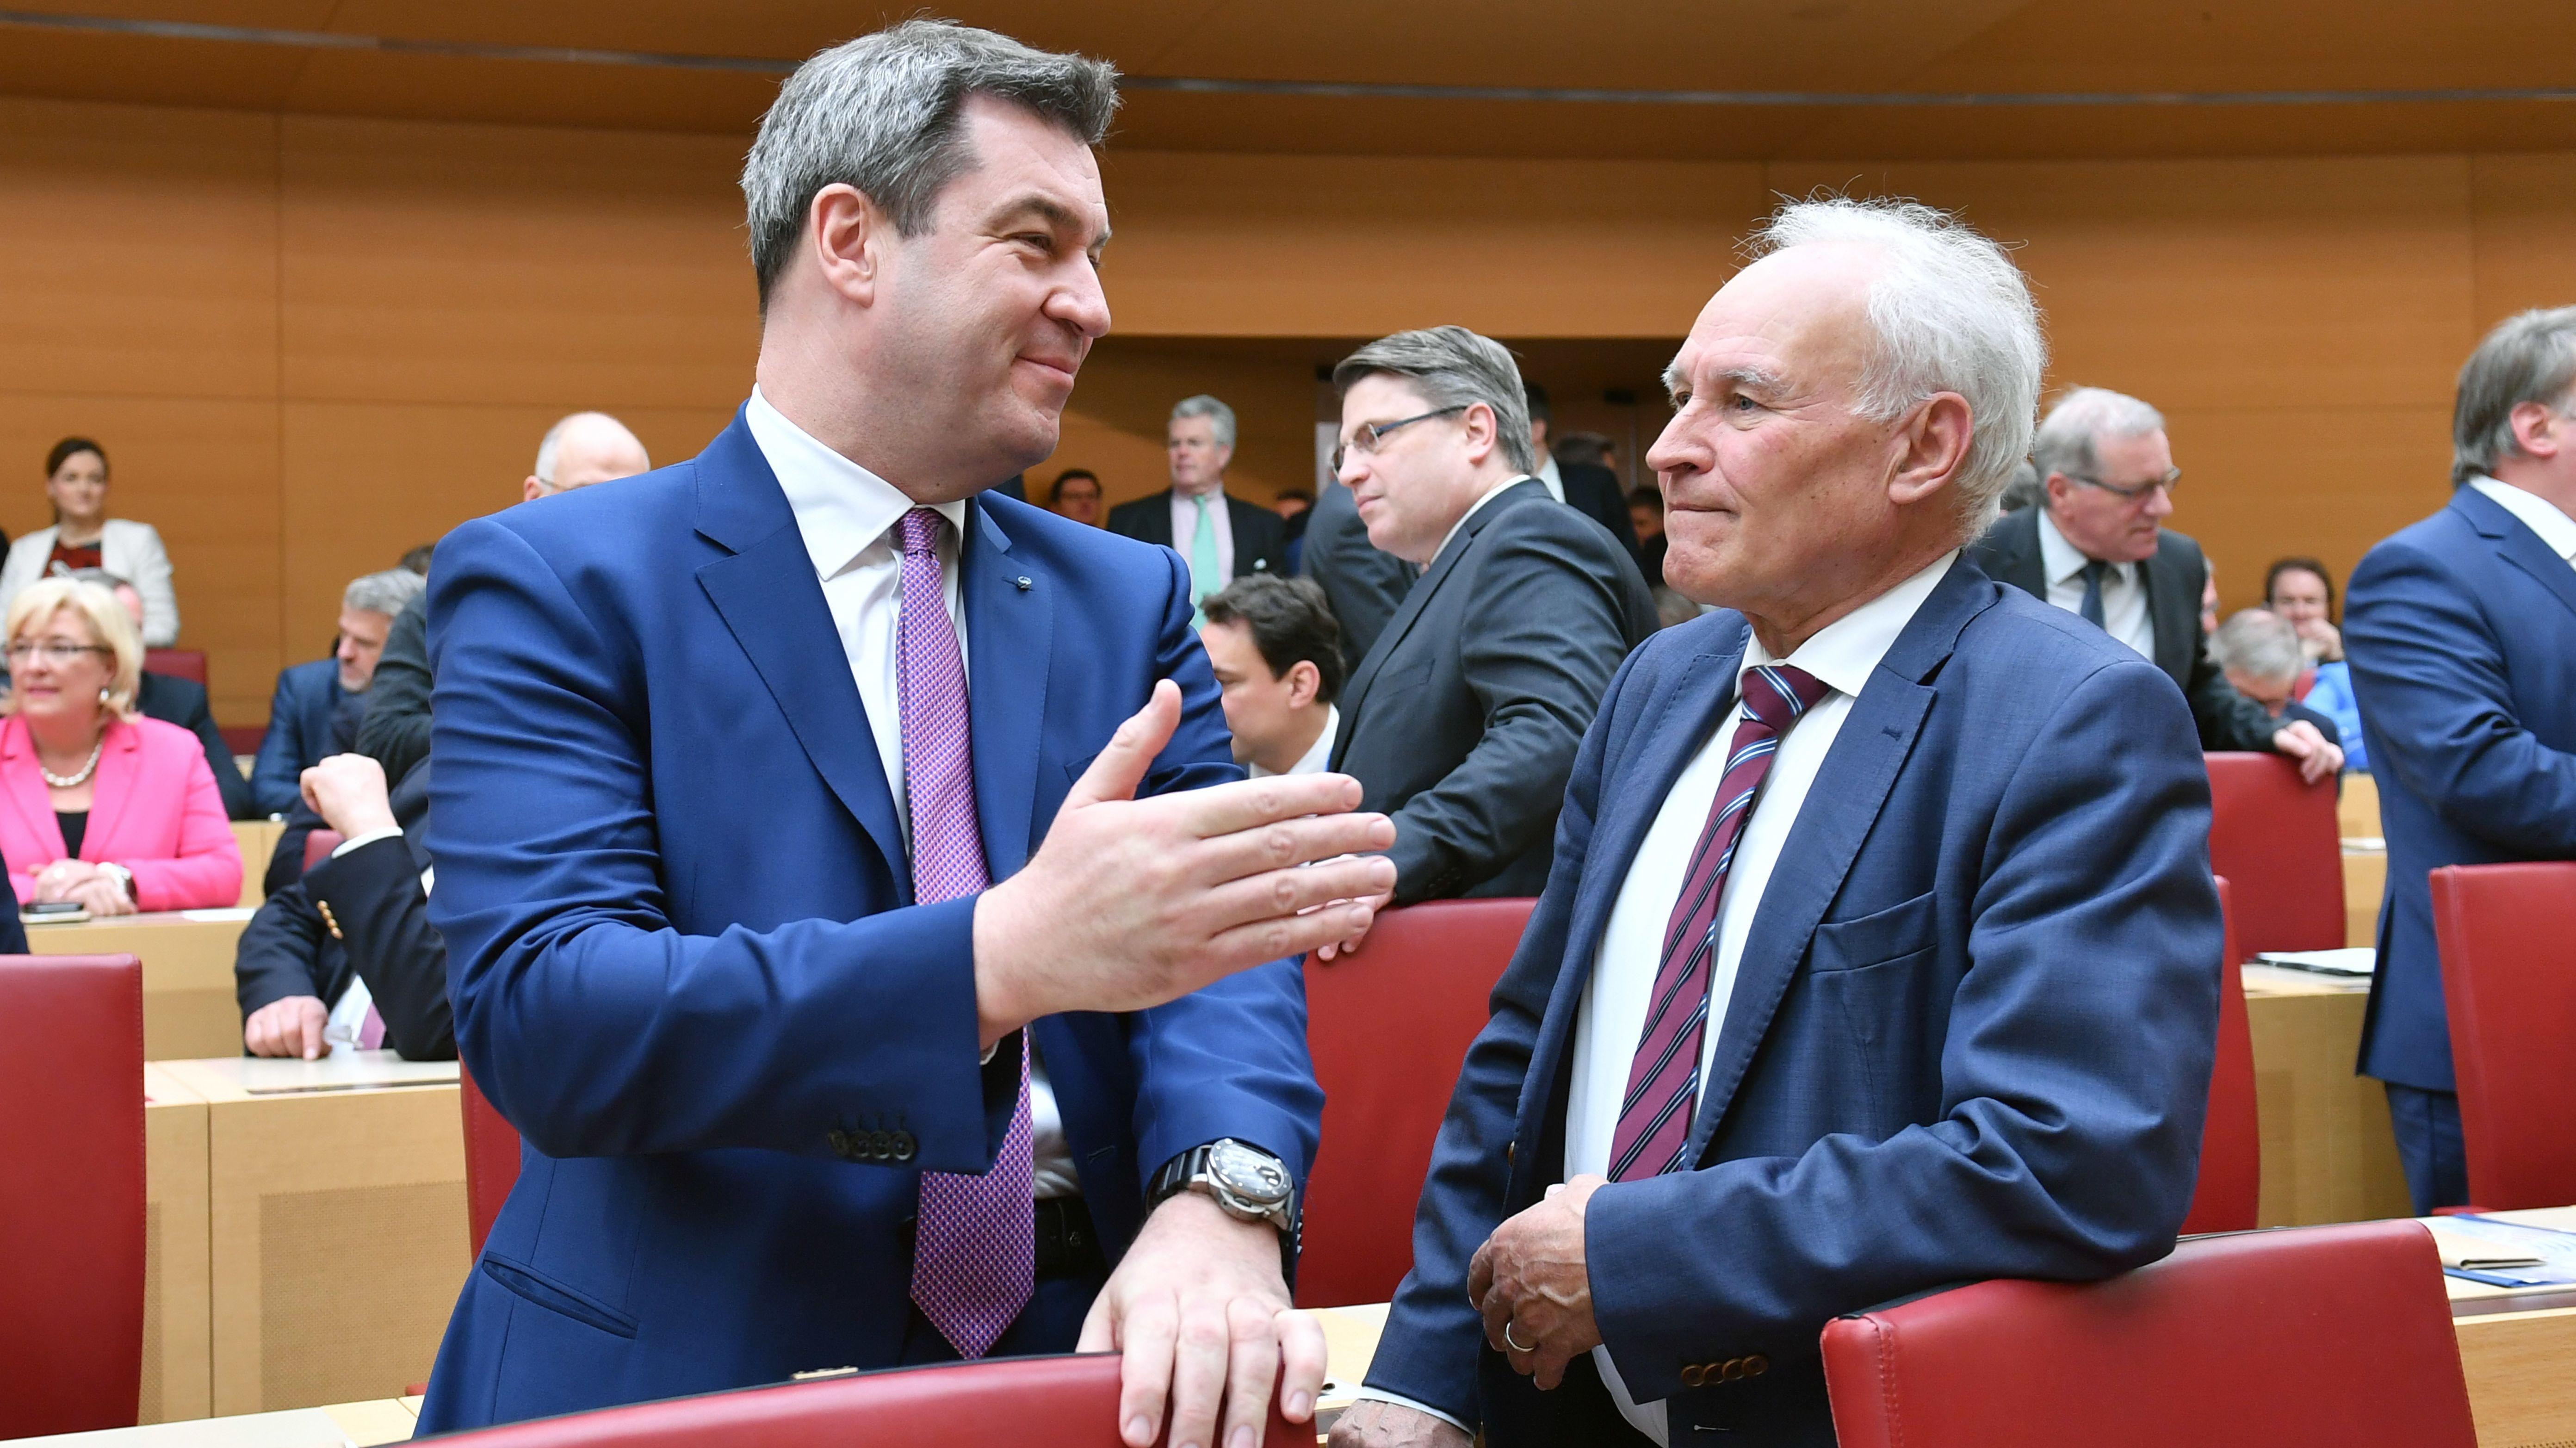 Ex-CSU-Chef Erwin Huber (r.) und der aktuelle Parteivorsitzende Markus Söder (l.) bei Söders Vereidigung zum Ministerpräsidenten am 16. März 2018